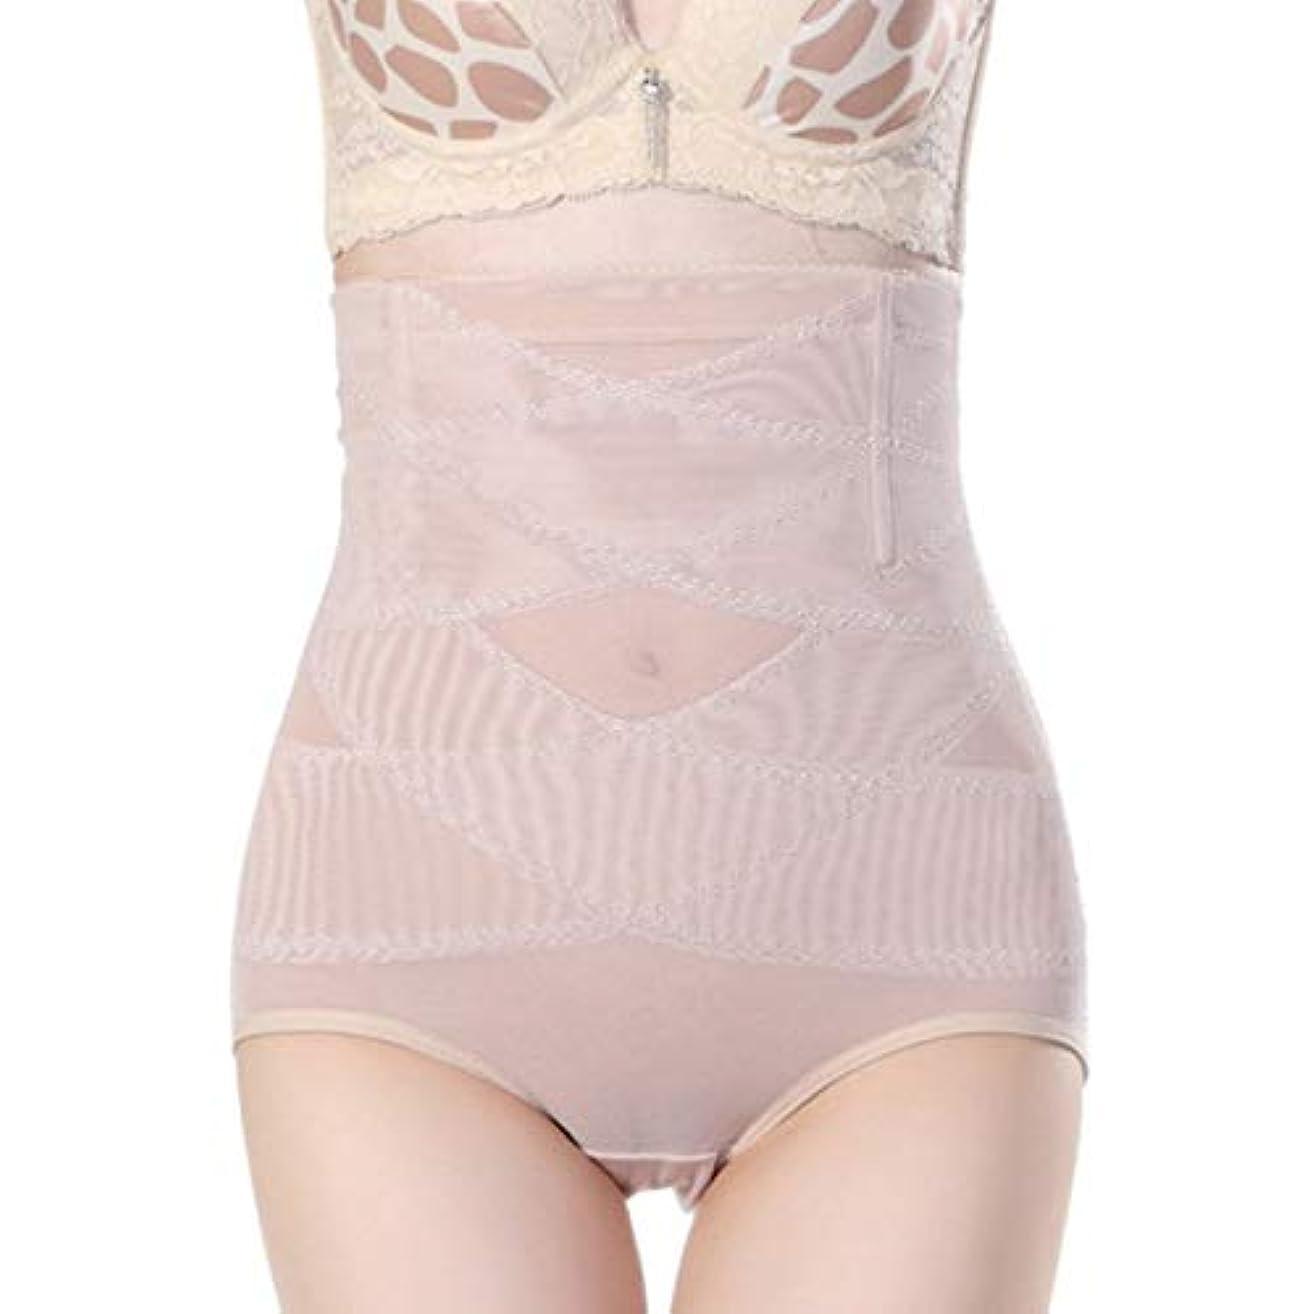 有毒なコントローラ優れました腹部制御下着シームレスおなかコントロールパンティーバットリフターボディシェイパーを痩身通気性のハイウエストの女性 - 肌色L